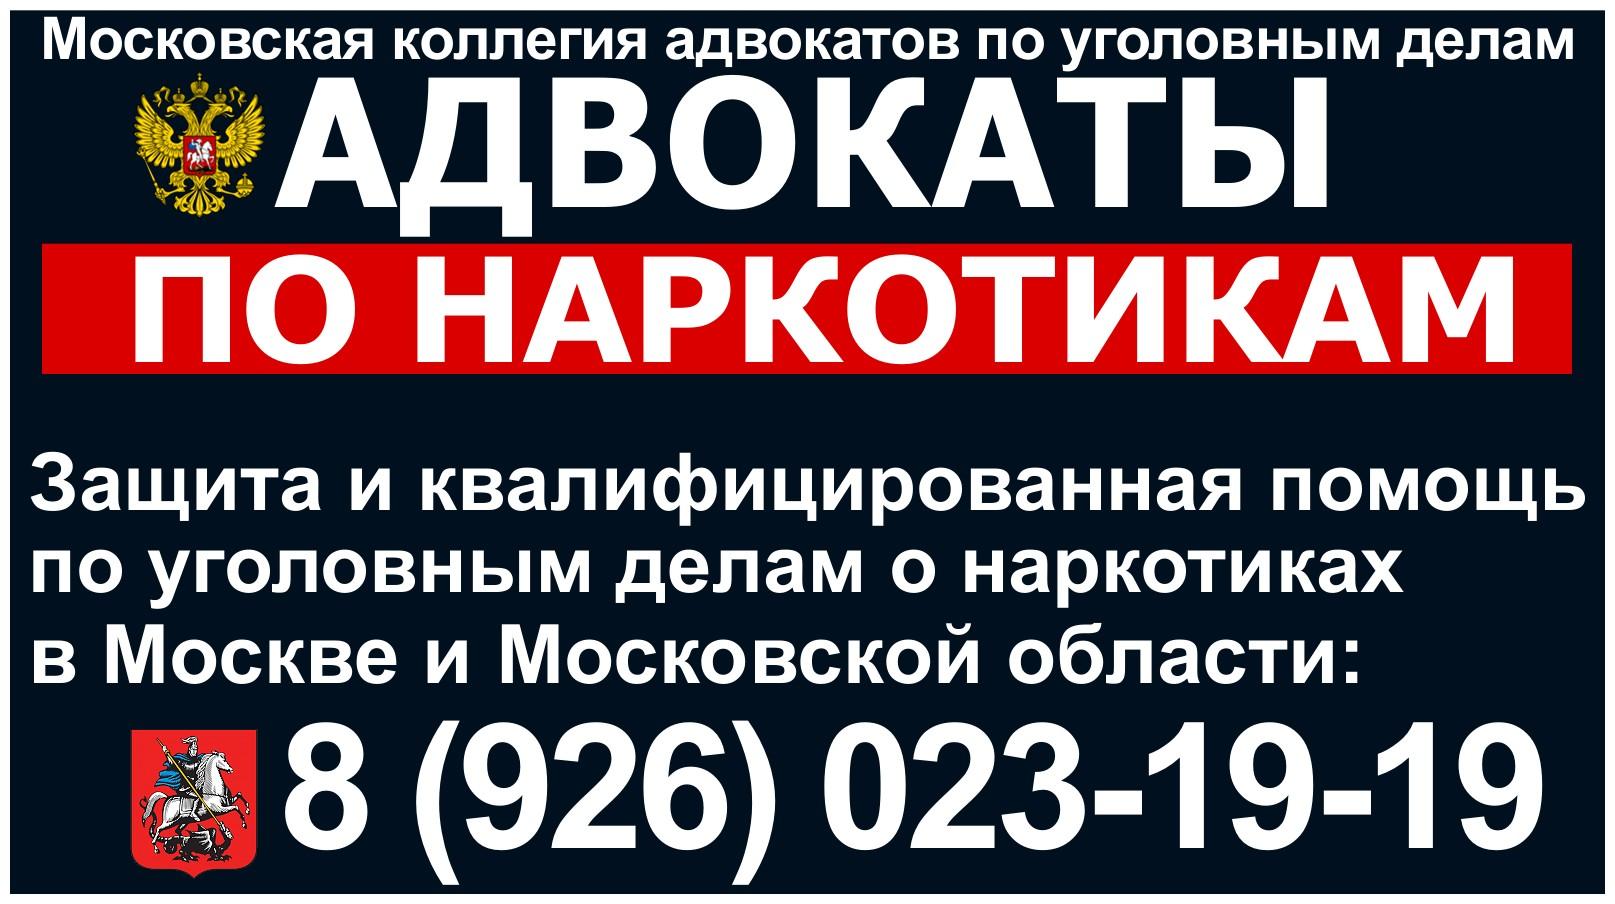 Адвокат по наркотикам в Москве